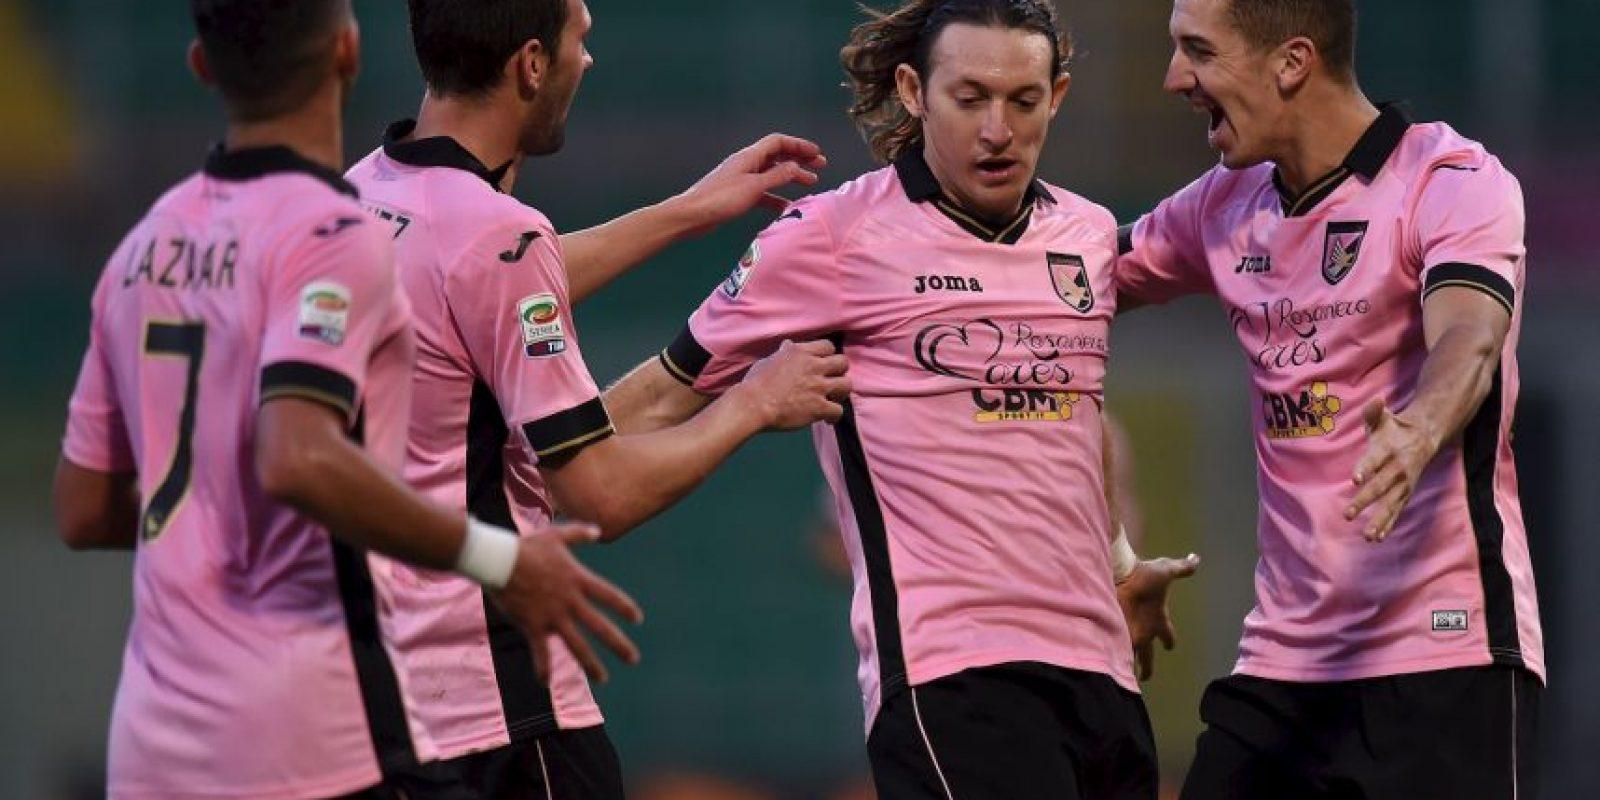 Equipo más joven: US Palermo (25 años) Foto:Getty Images